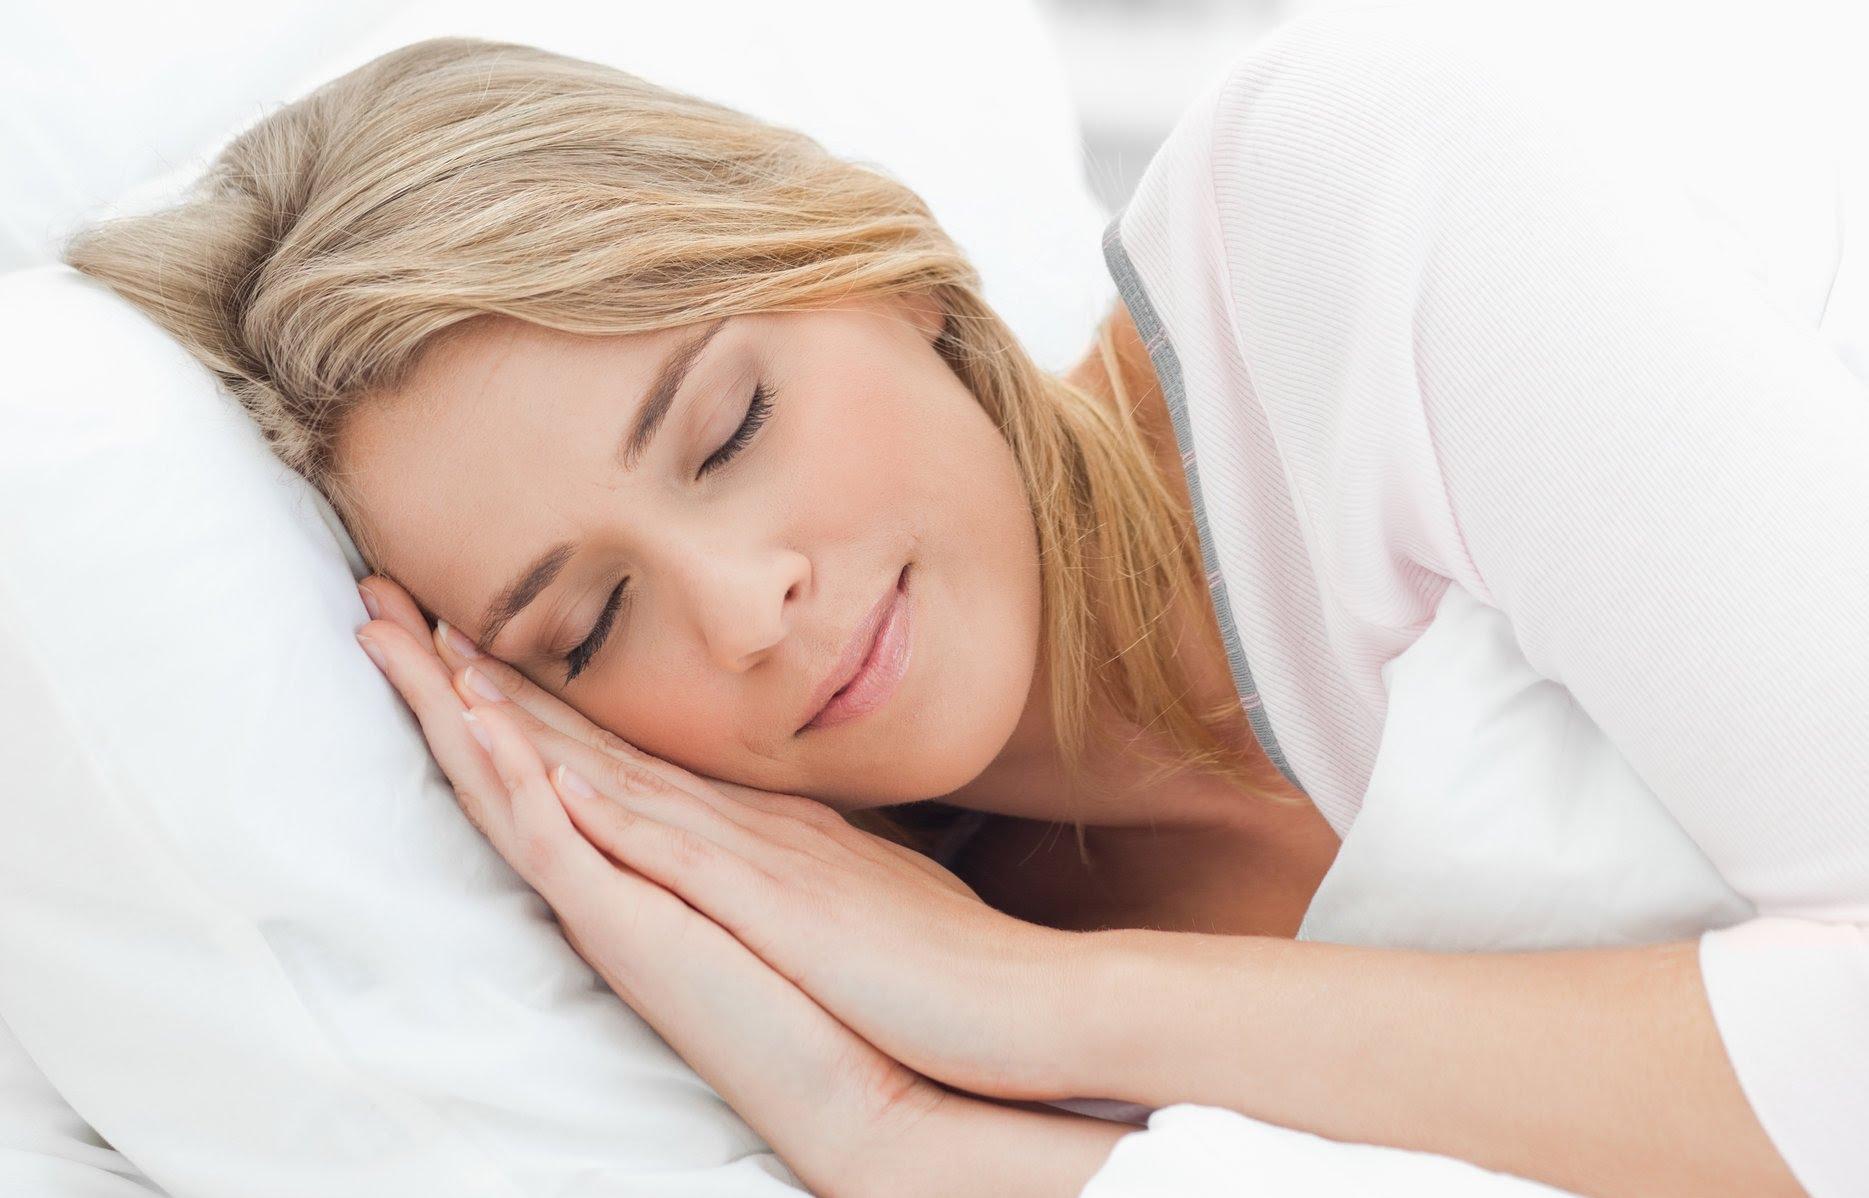 الغارديان: كيف يمكن للنوم أن يساعدنا على التعلم؟ - ساسة بوست